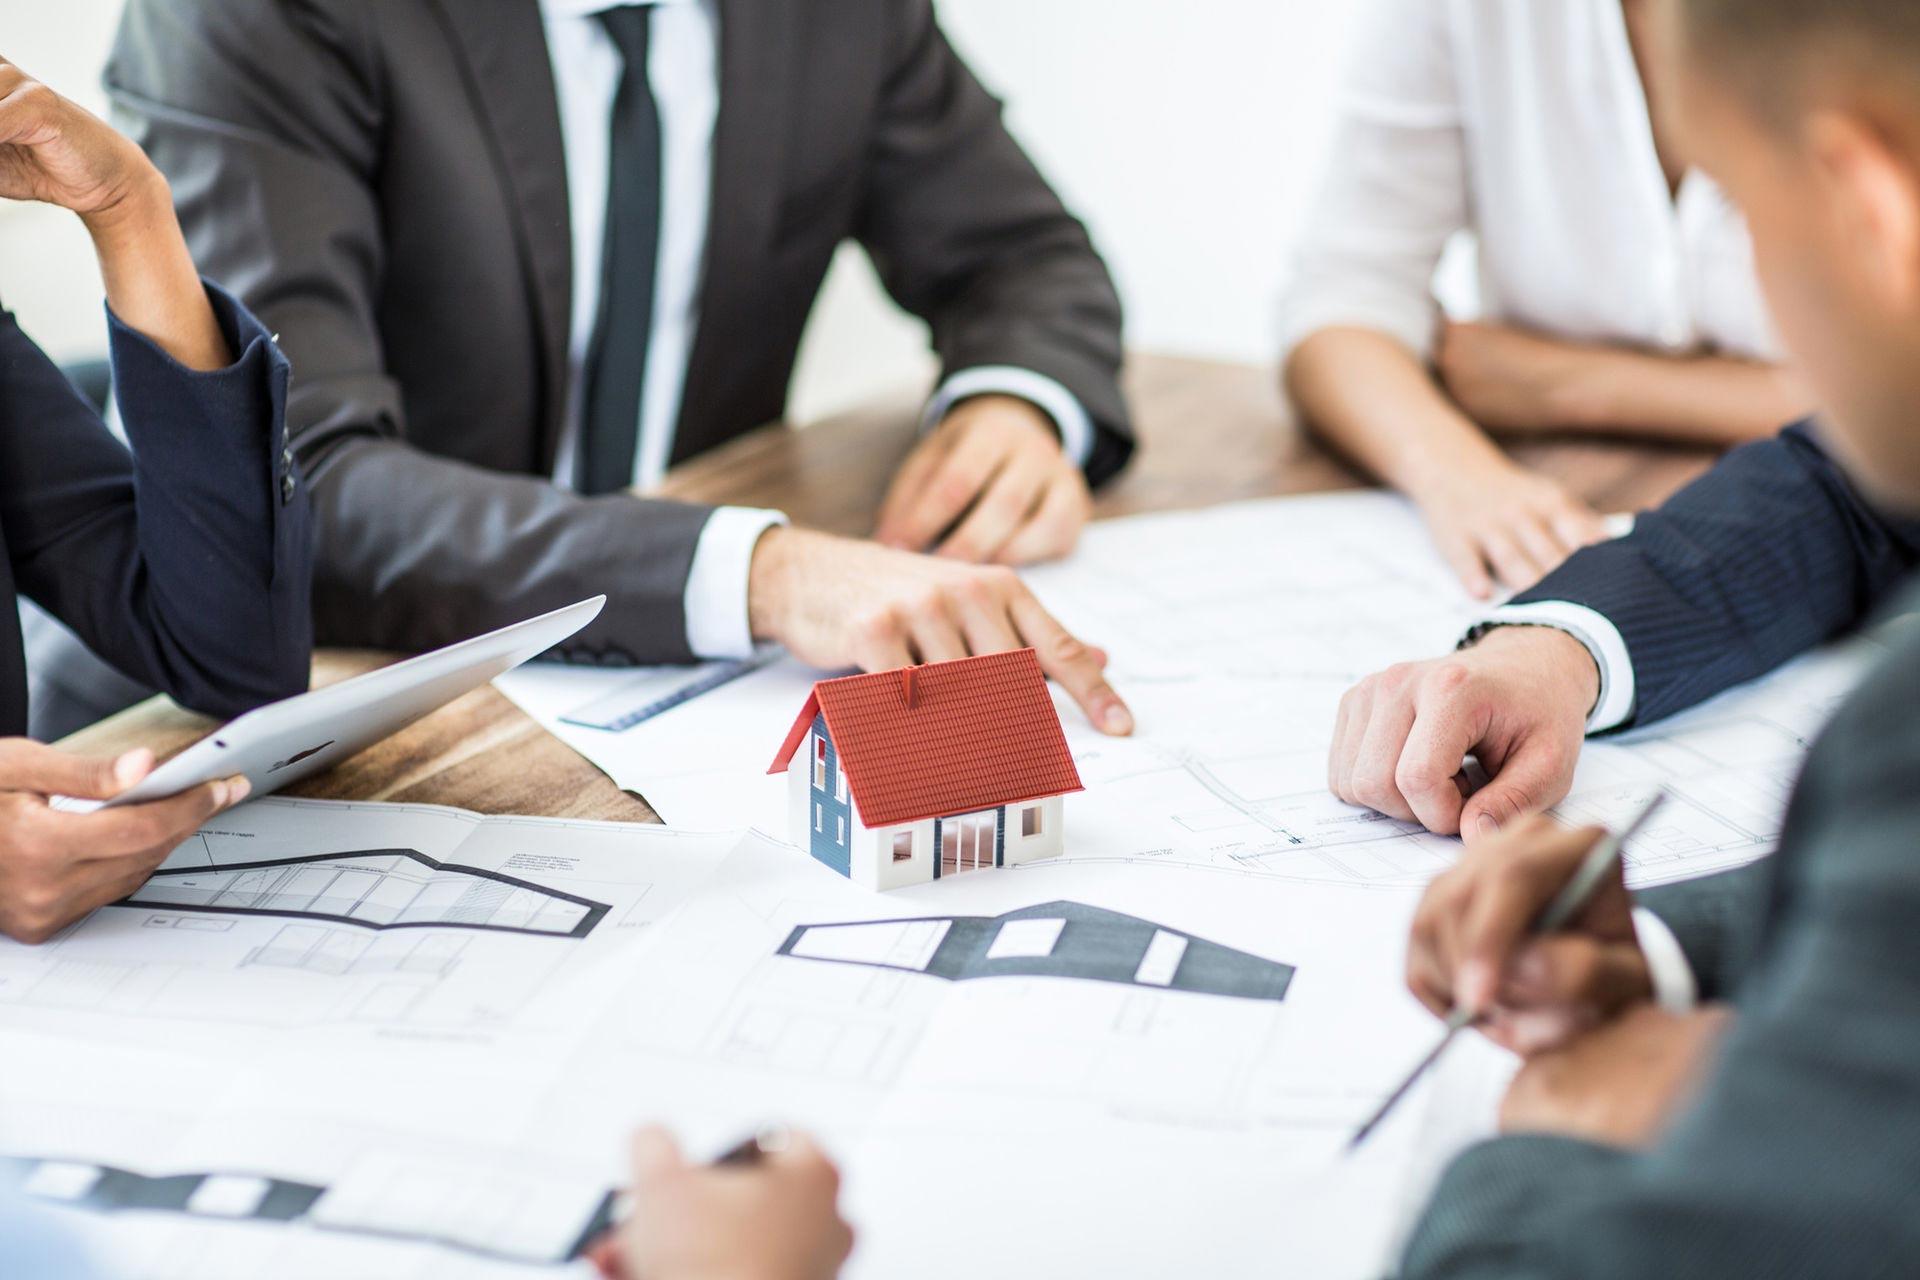 Вебинар: Как начинающему предпринимателю собрать эффективную команду сотрудников с минимальными затратами